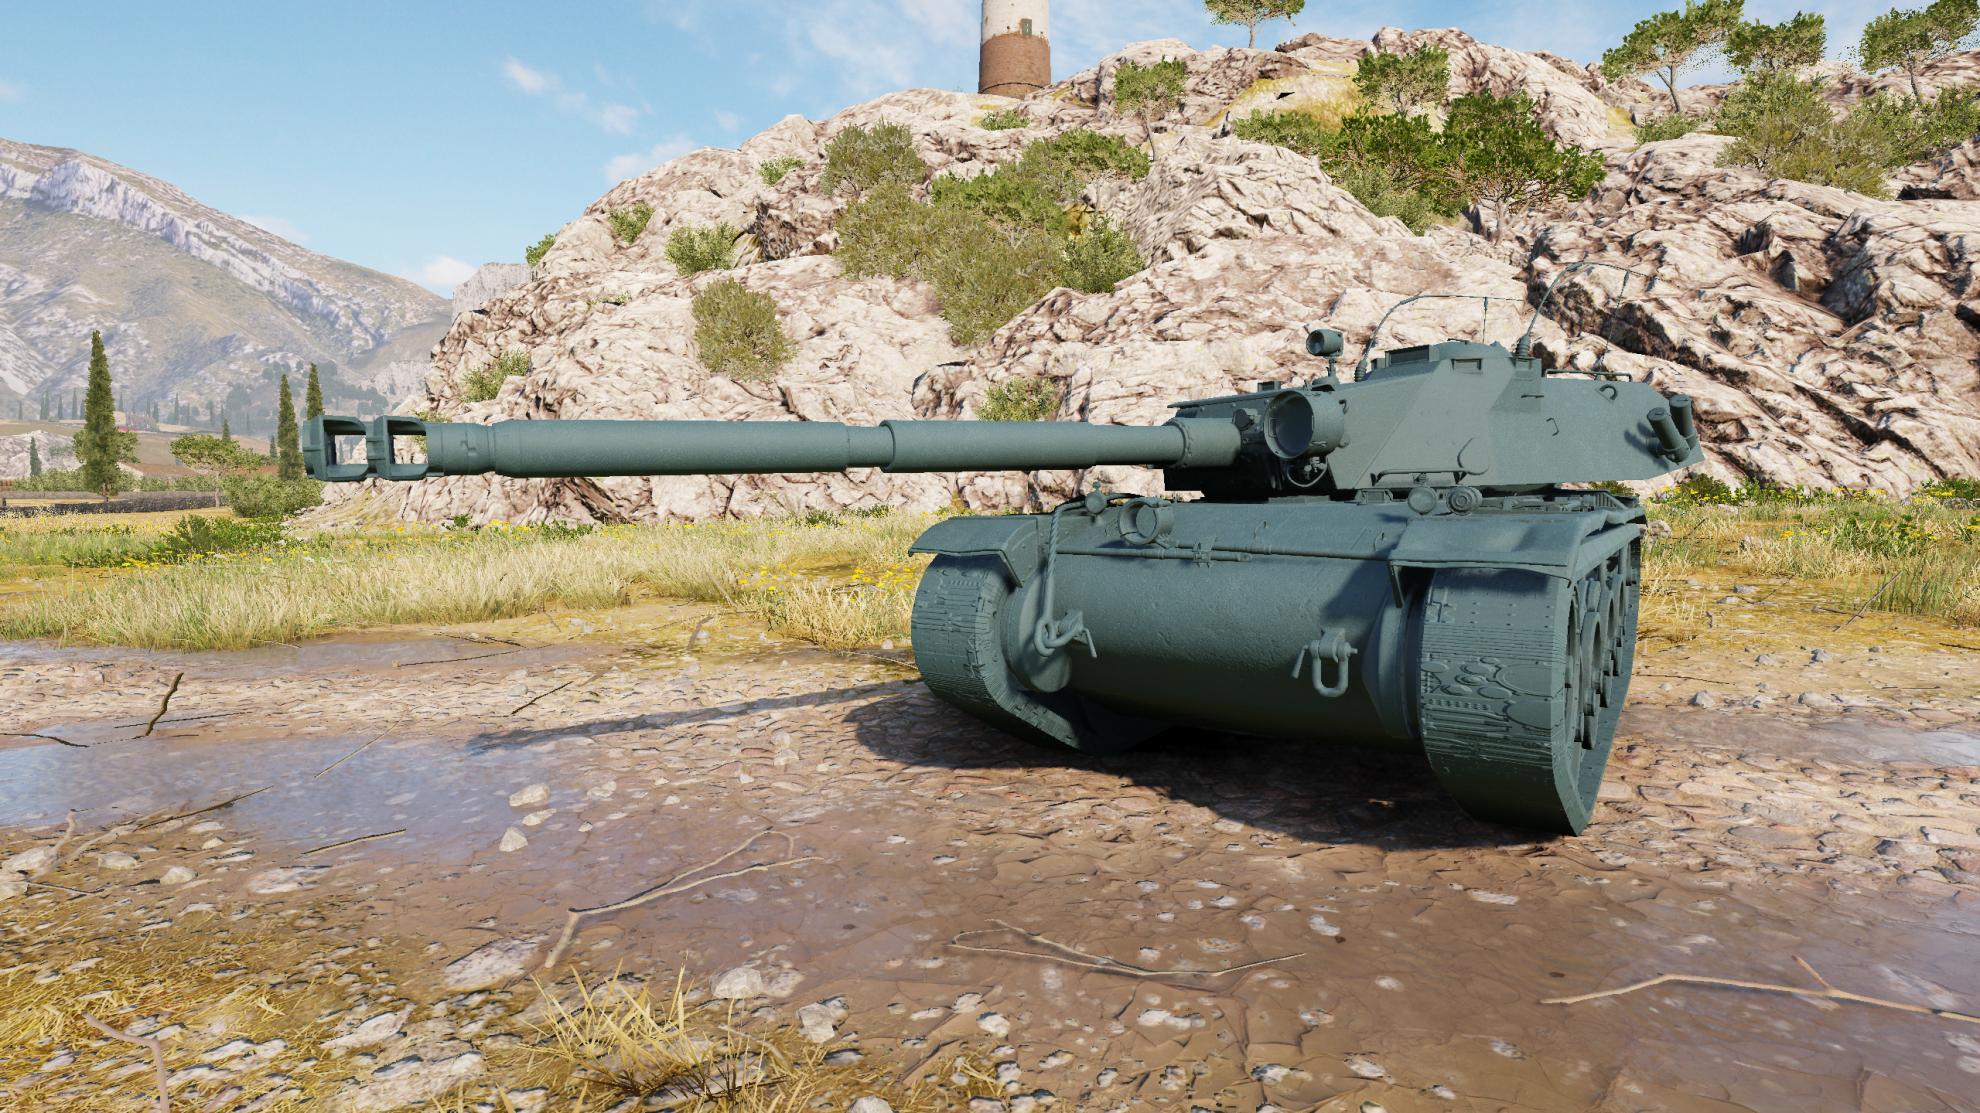 Обзор Bat Chatillon Bourrasque — новый французский прем танк с барабаном